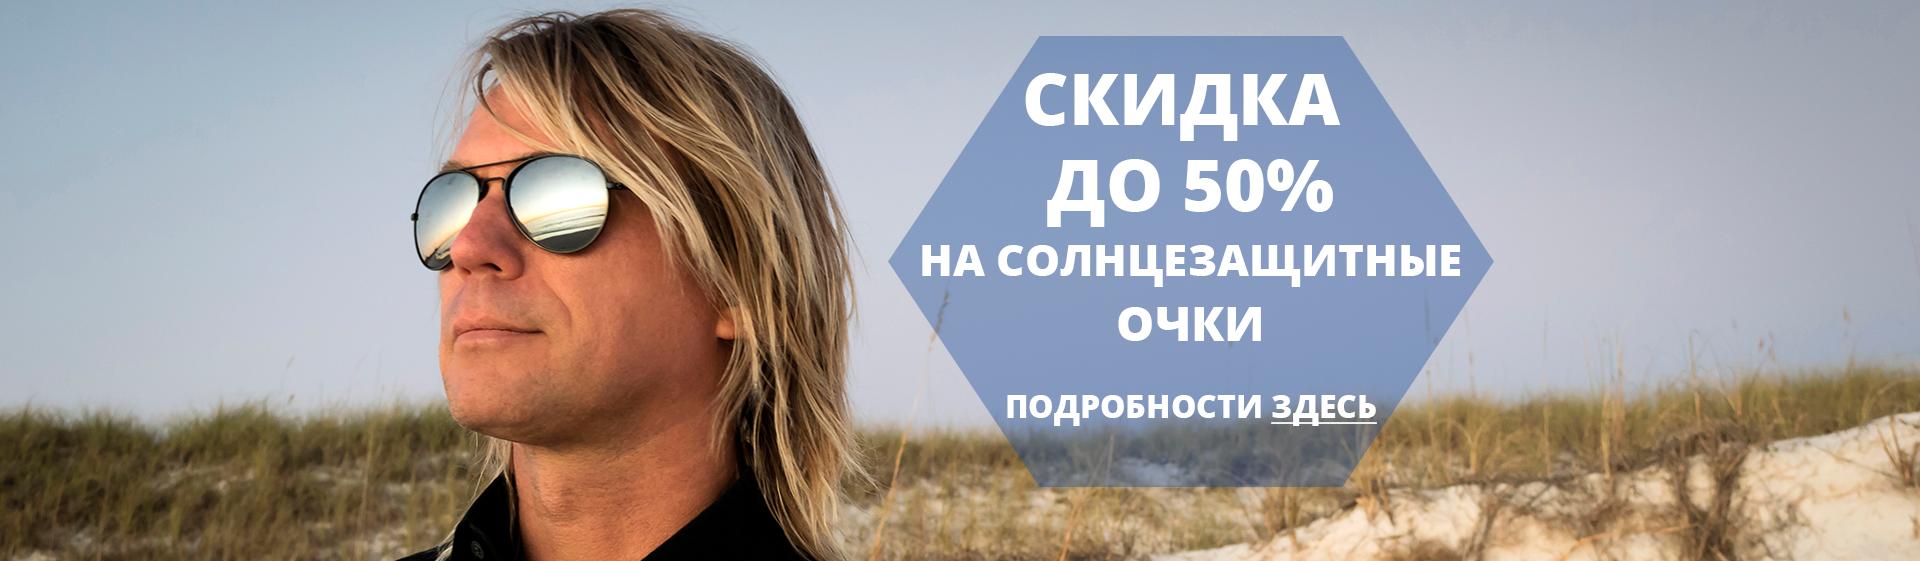 skidka-do-50